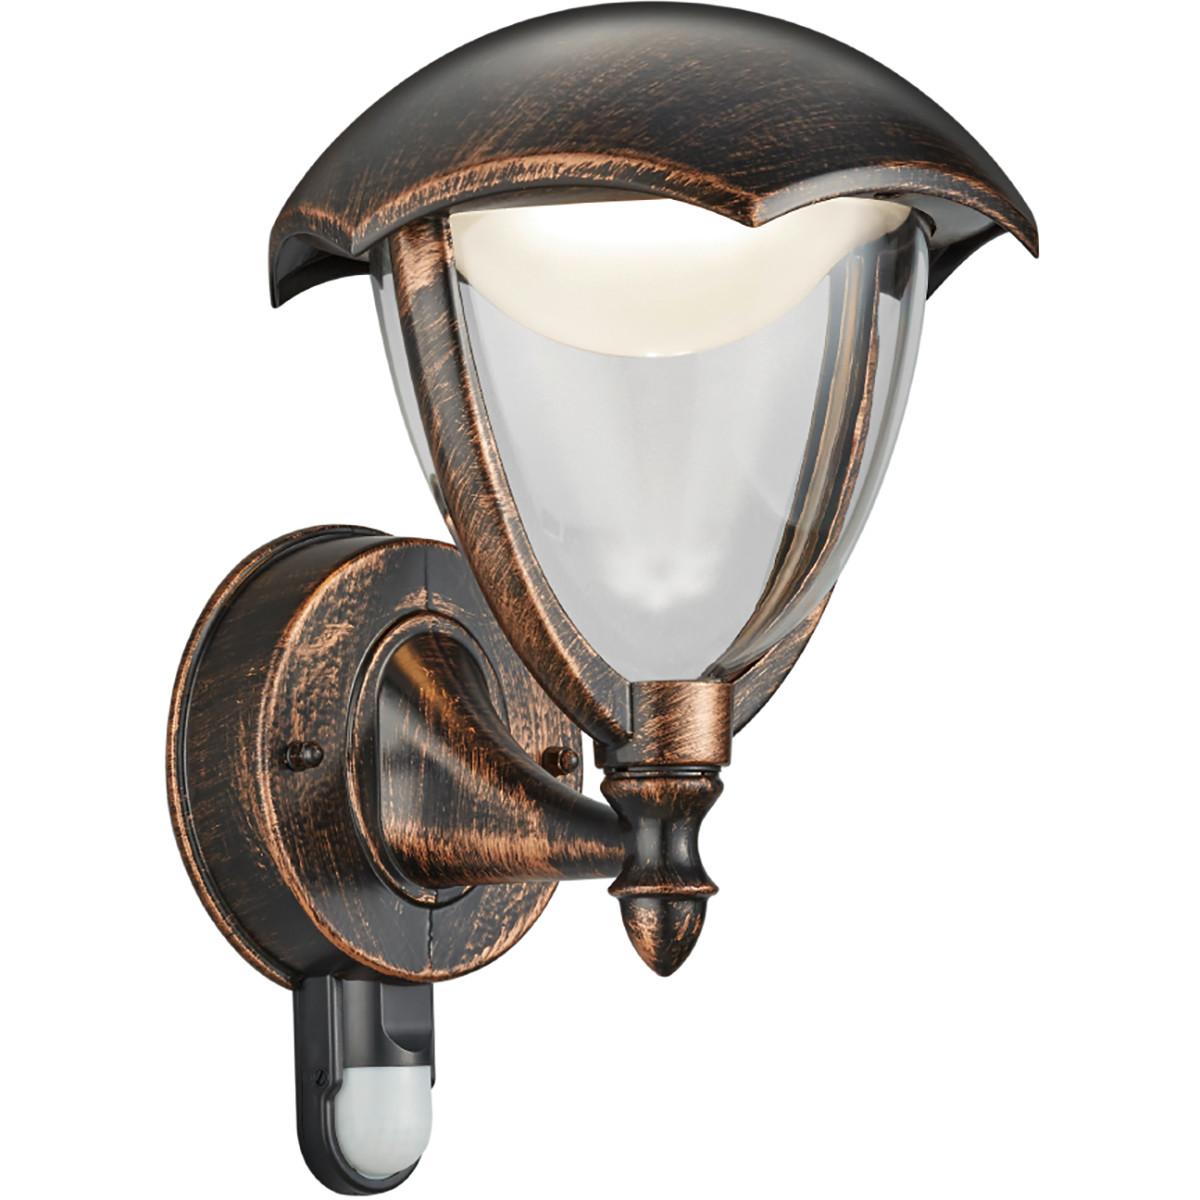 LED Tuinverlichting - Tuinlamp - Trion Grichto - Wand - Bewegingssensor - 6W - Antiek Roestkleur - A